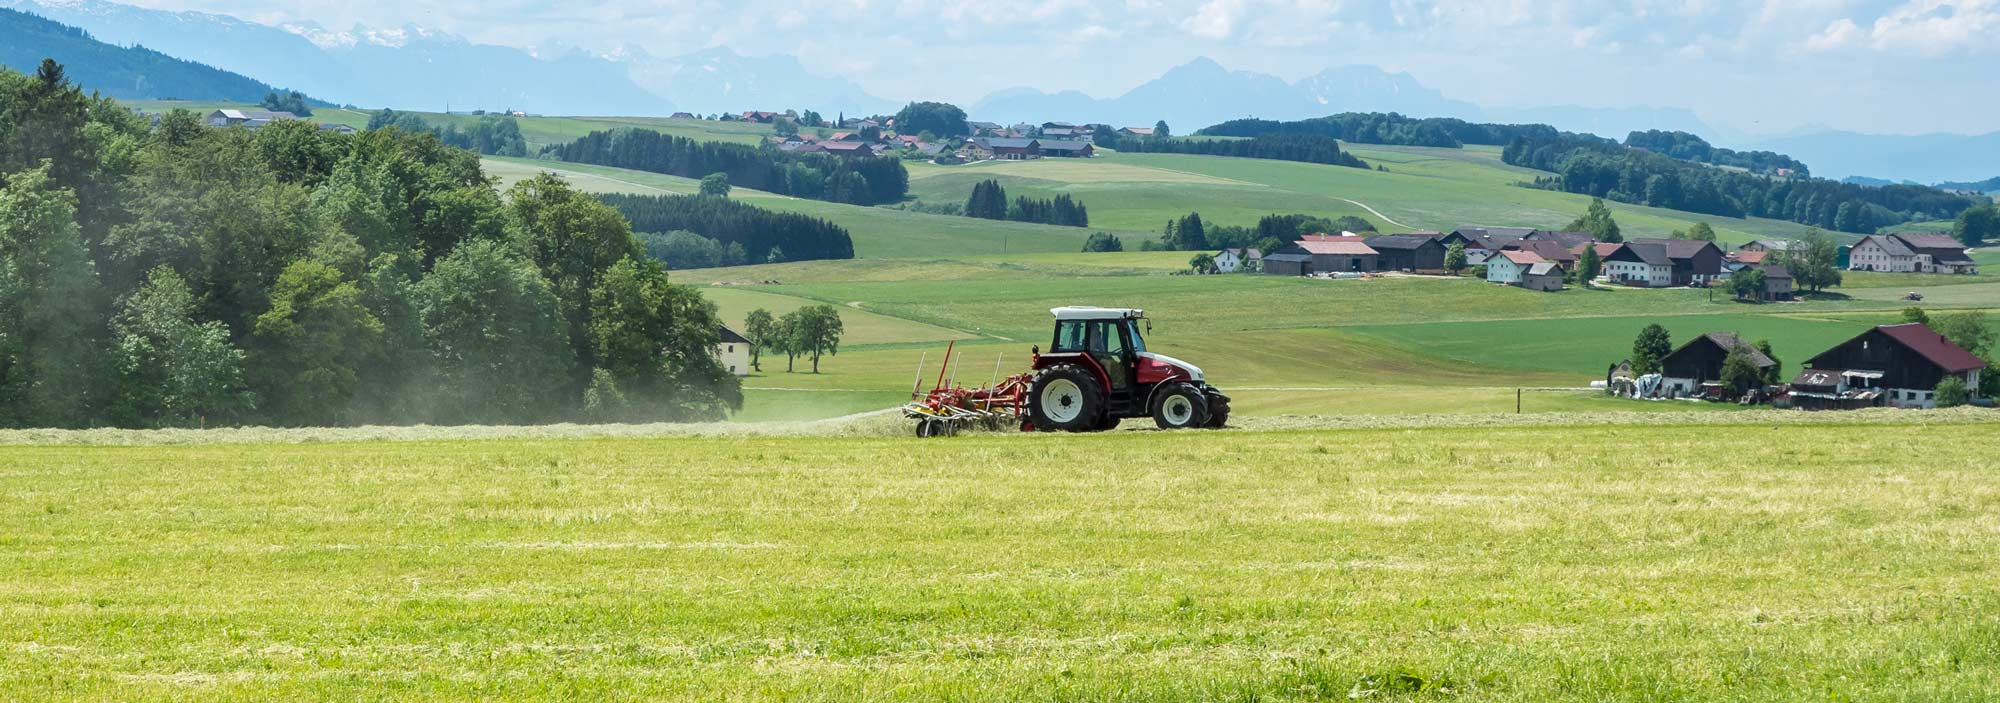 Mietfinanz Finanzierungsrechner für Landmaschinen